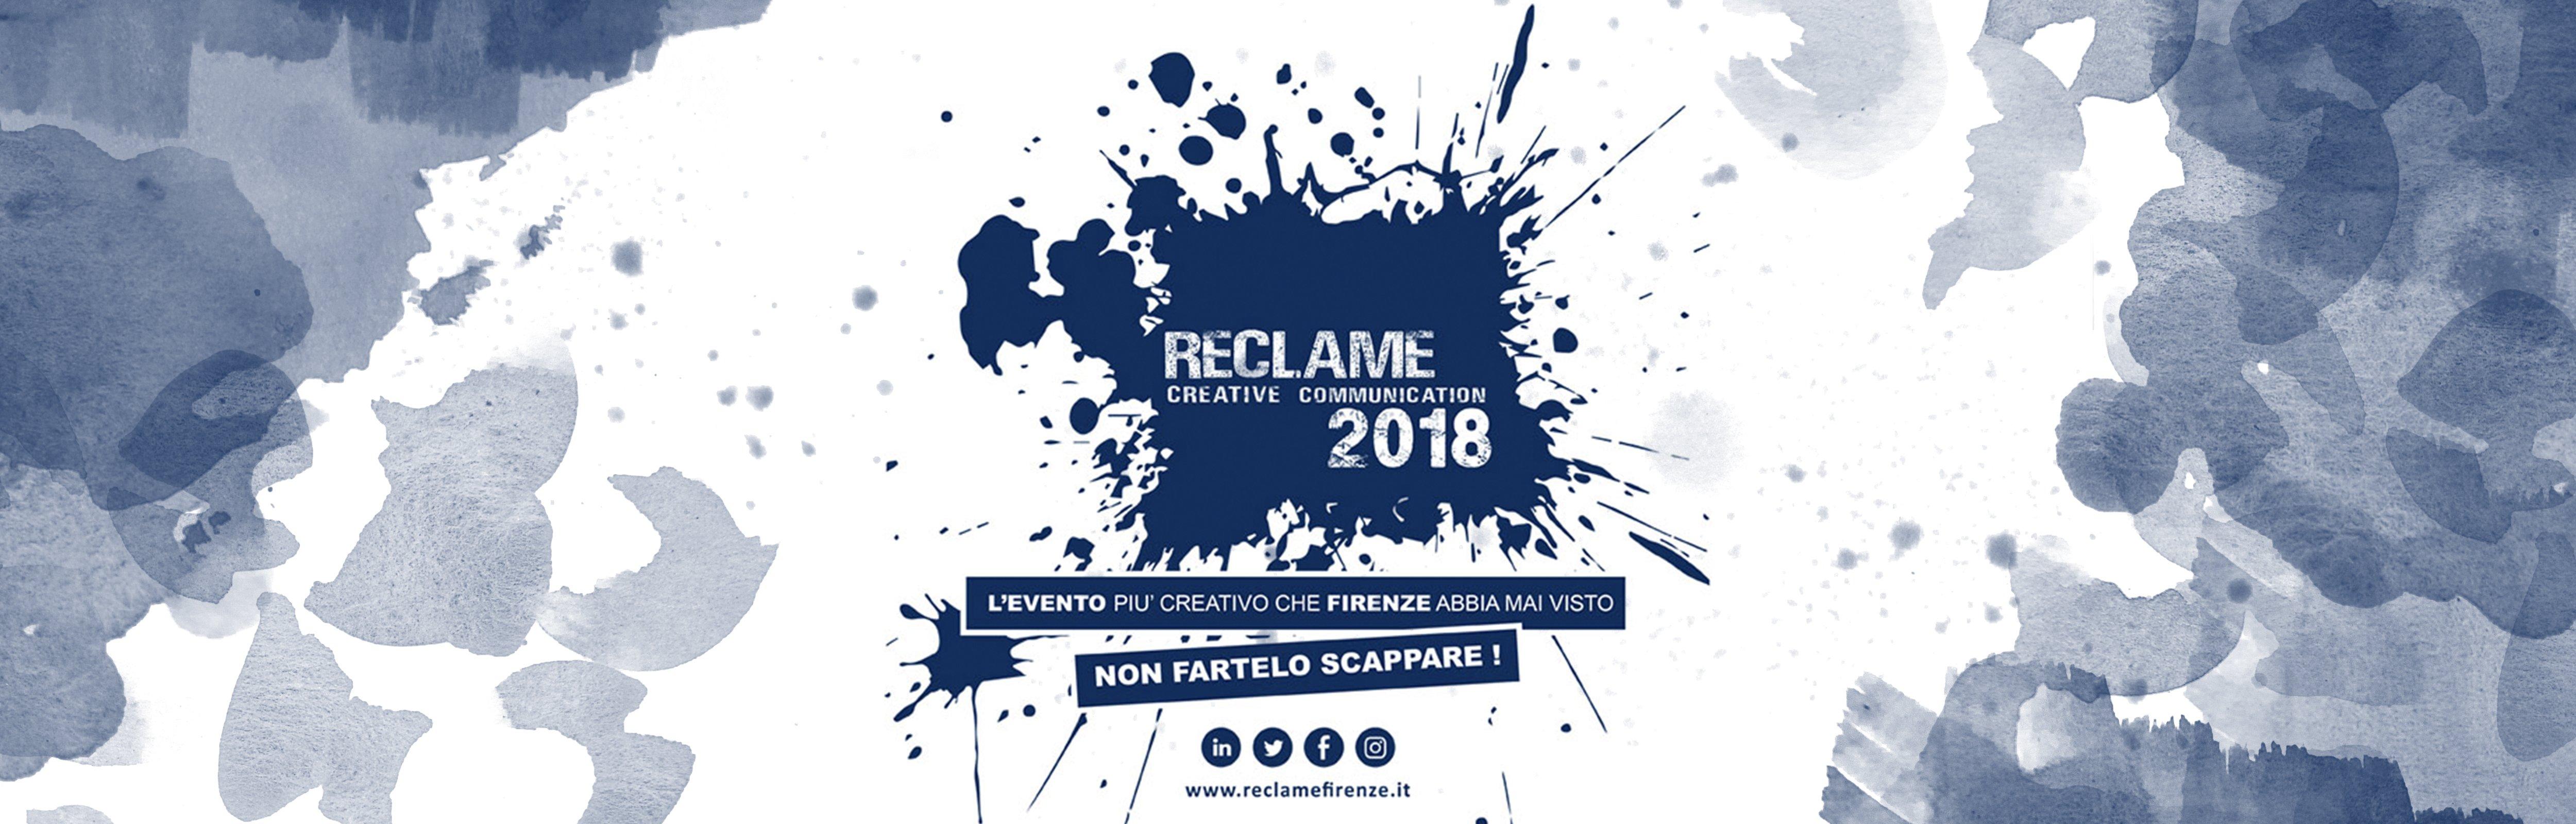 RECLAME, il futuro della comunicazione parte da Firenze